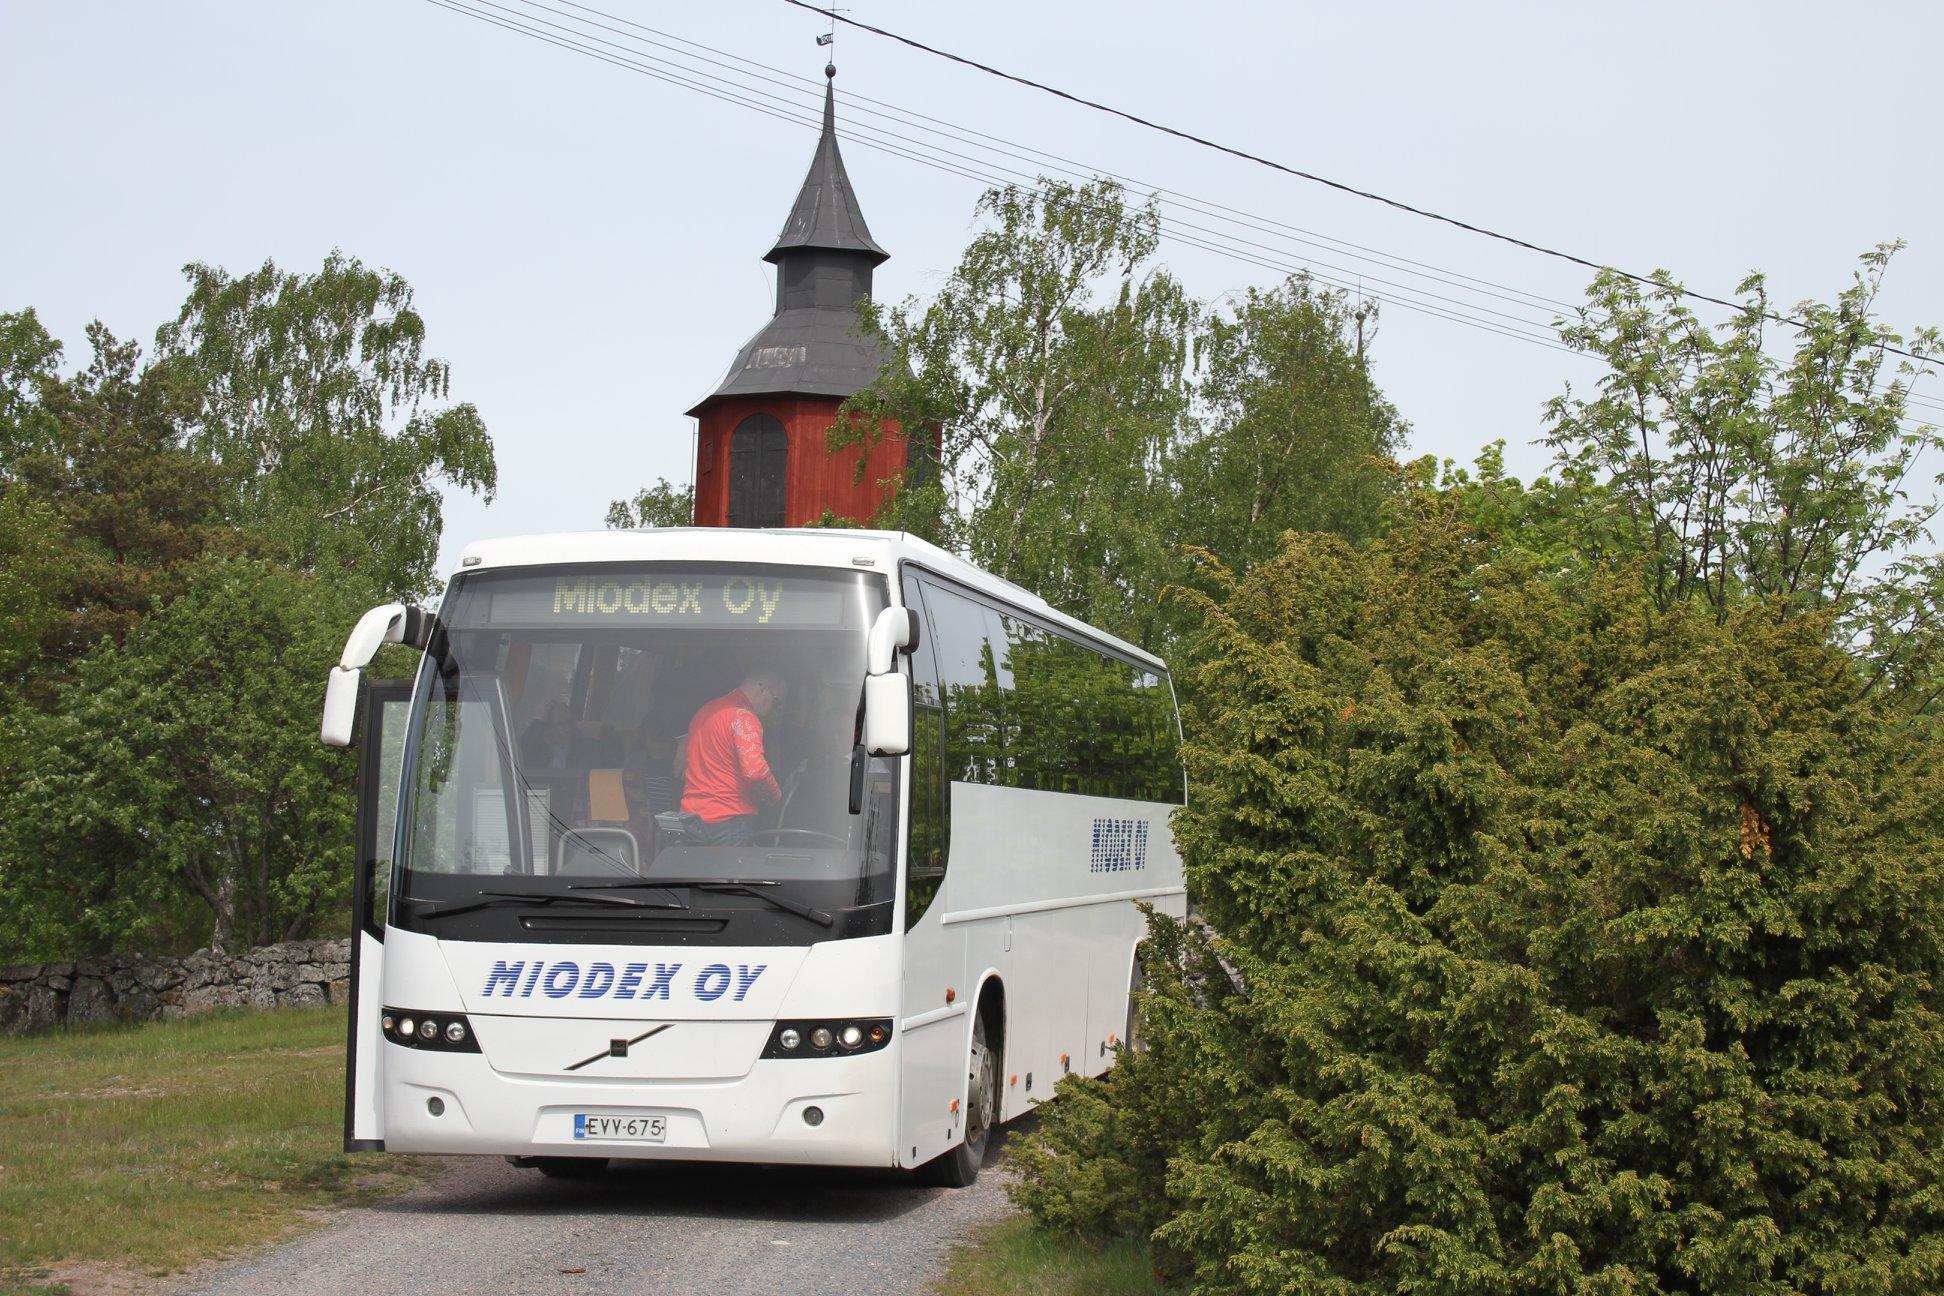 Framända på vit buss med texten Miodex, grönt buskage på sidorna, rött kyrktorn bakom bussen.